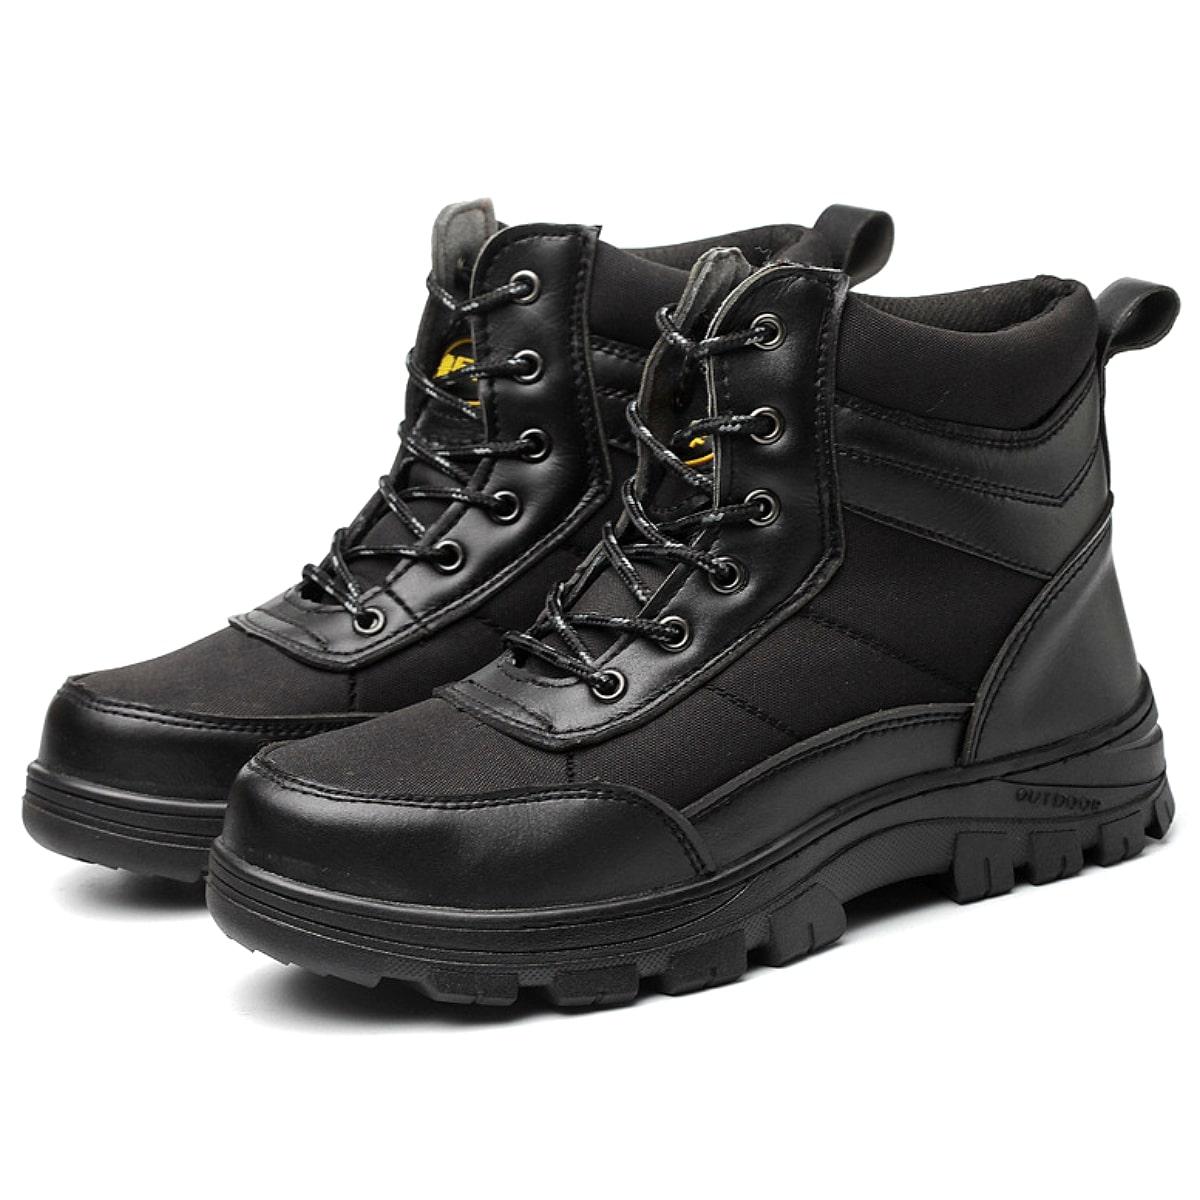 【送料無料!】全2色! [Men's Warm Military Steel Toe Cap Safety Work Boots] メンズ ウォームミリタリー スティールトウキャップ セーフティーワークブーツ! 靴 シューズ スニーカー マウンテンブーツ レースアップ 鉄板 安全靴 先芯入り アウトドア サバゲー バイクに!